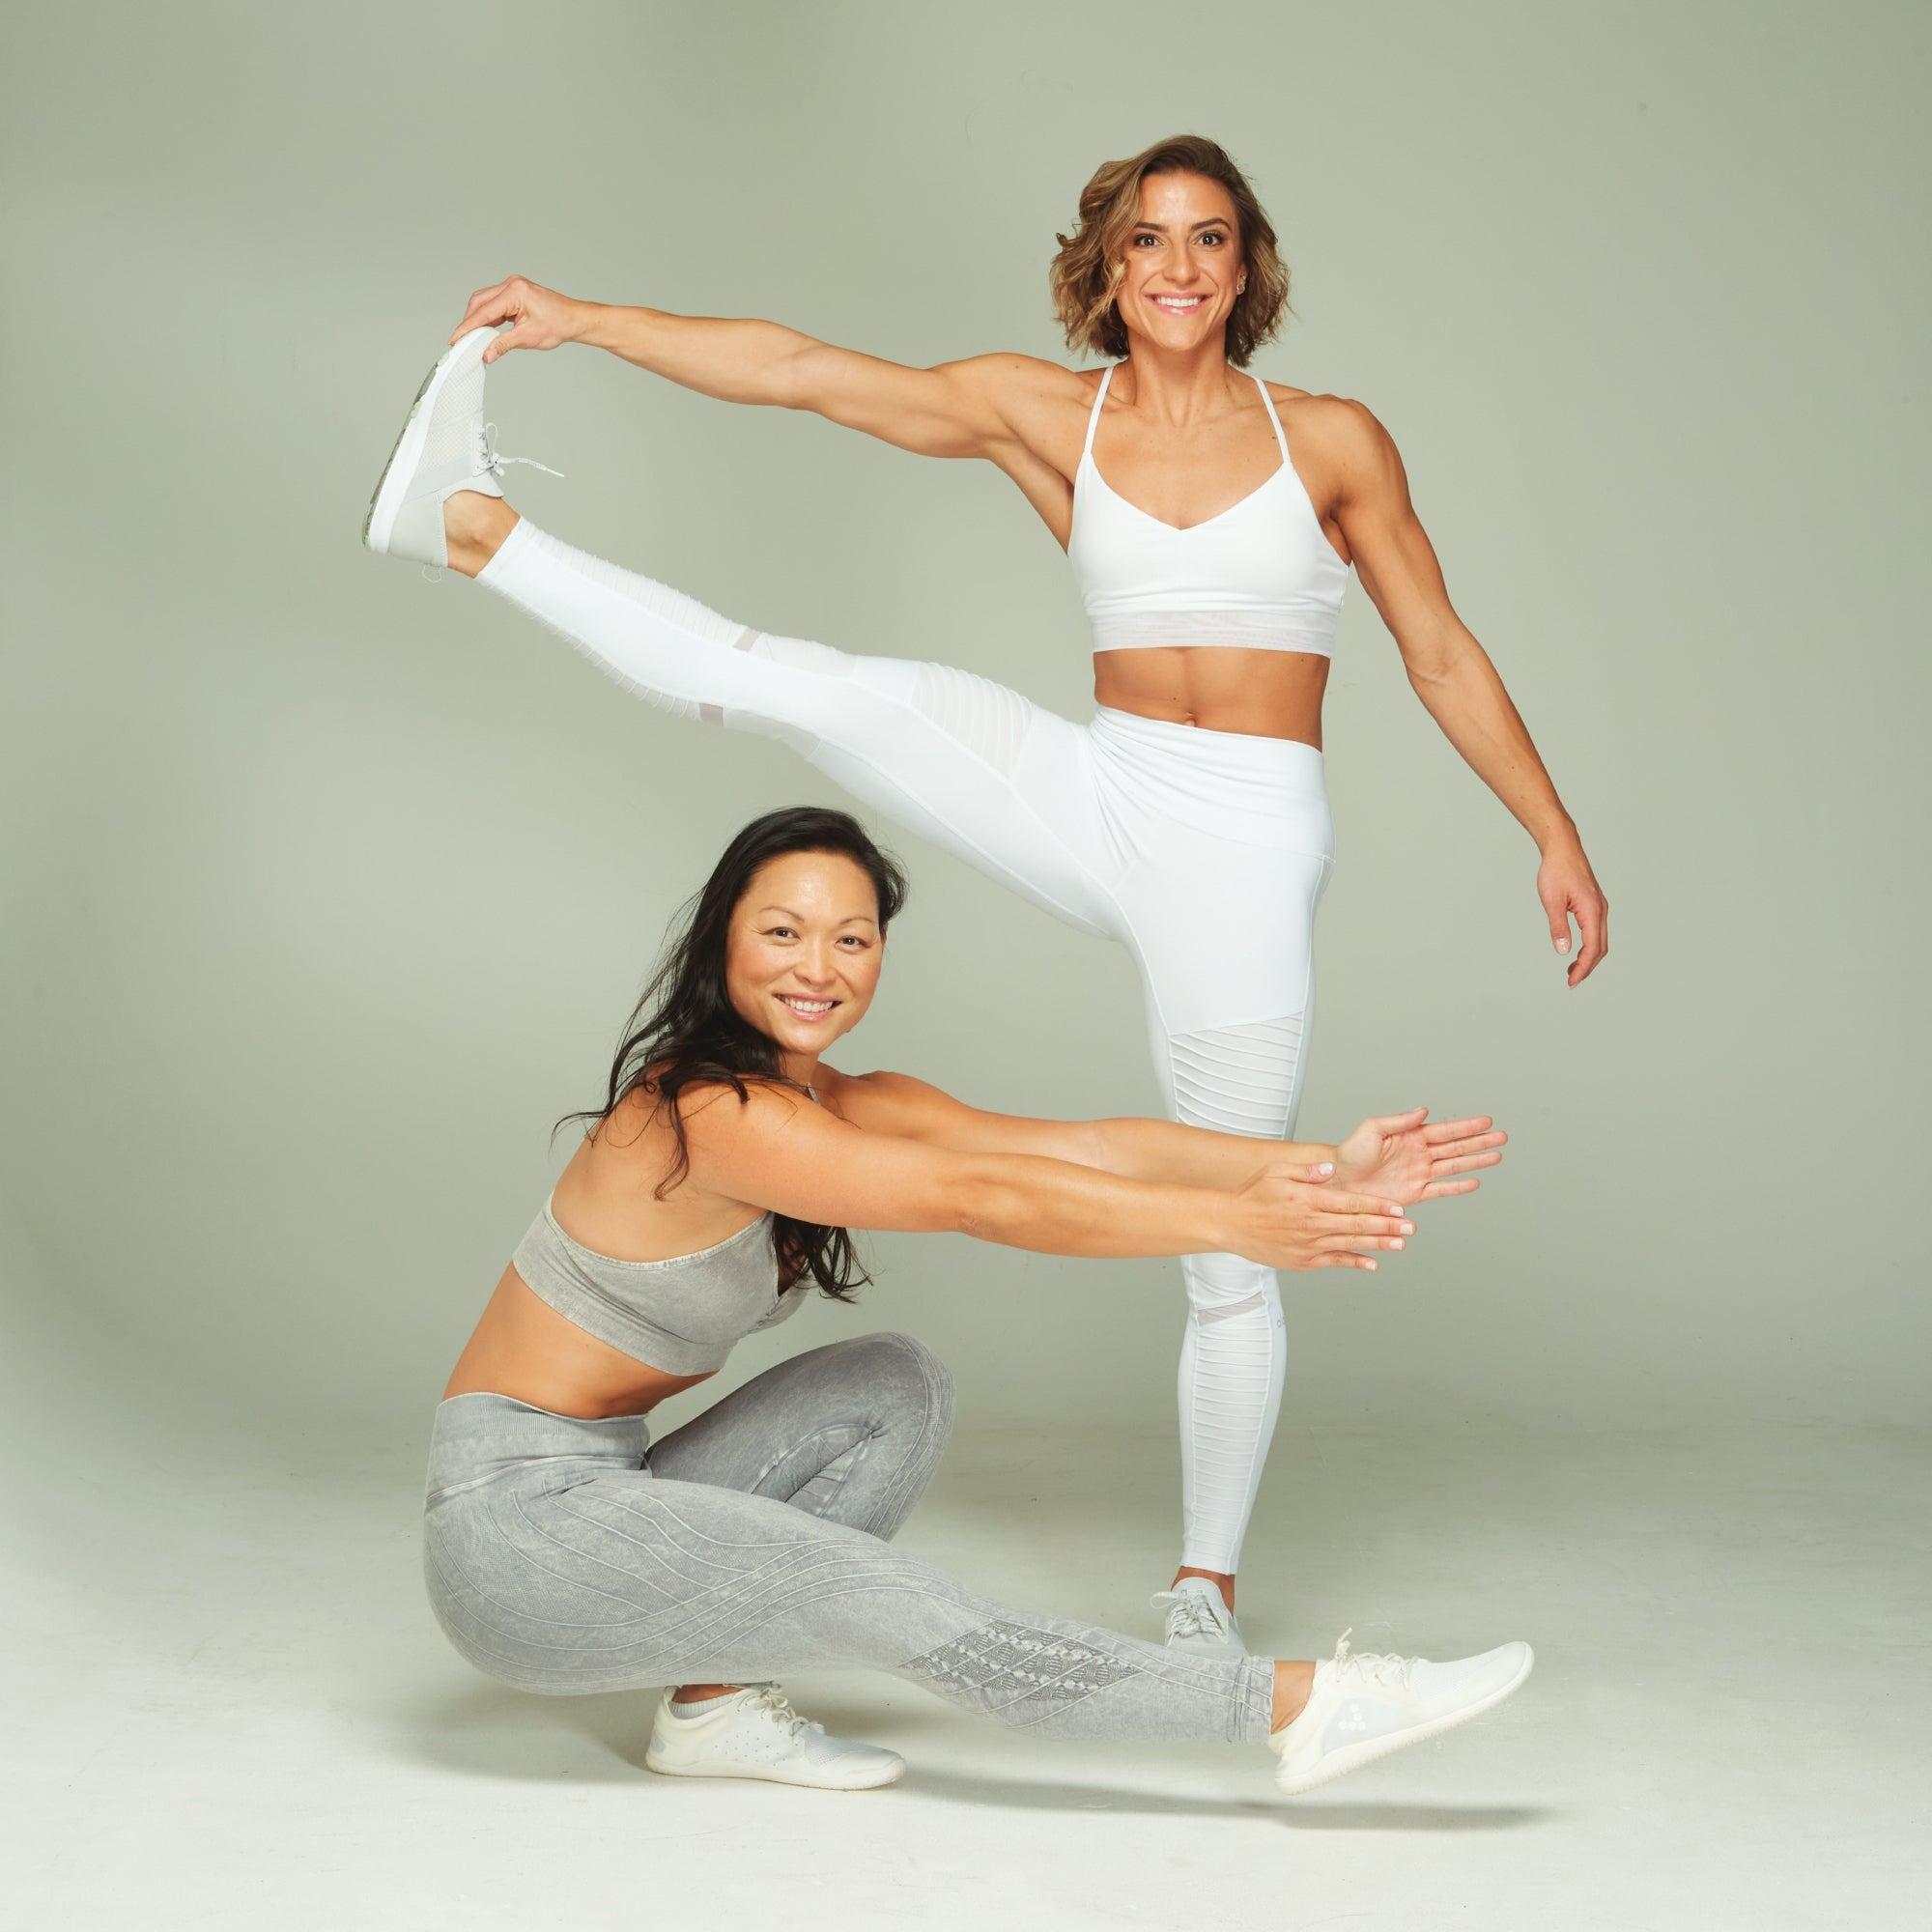 Venus Lau in a pistol squat and Tara Laferrara in a one-legged staff pose